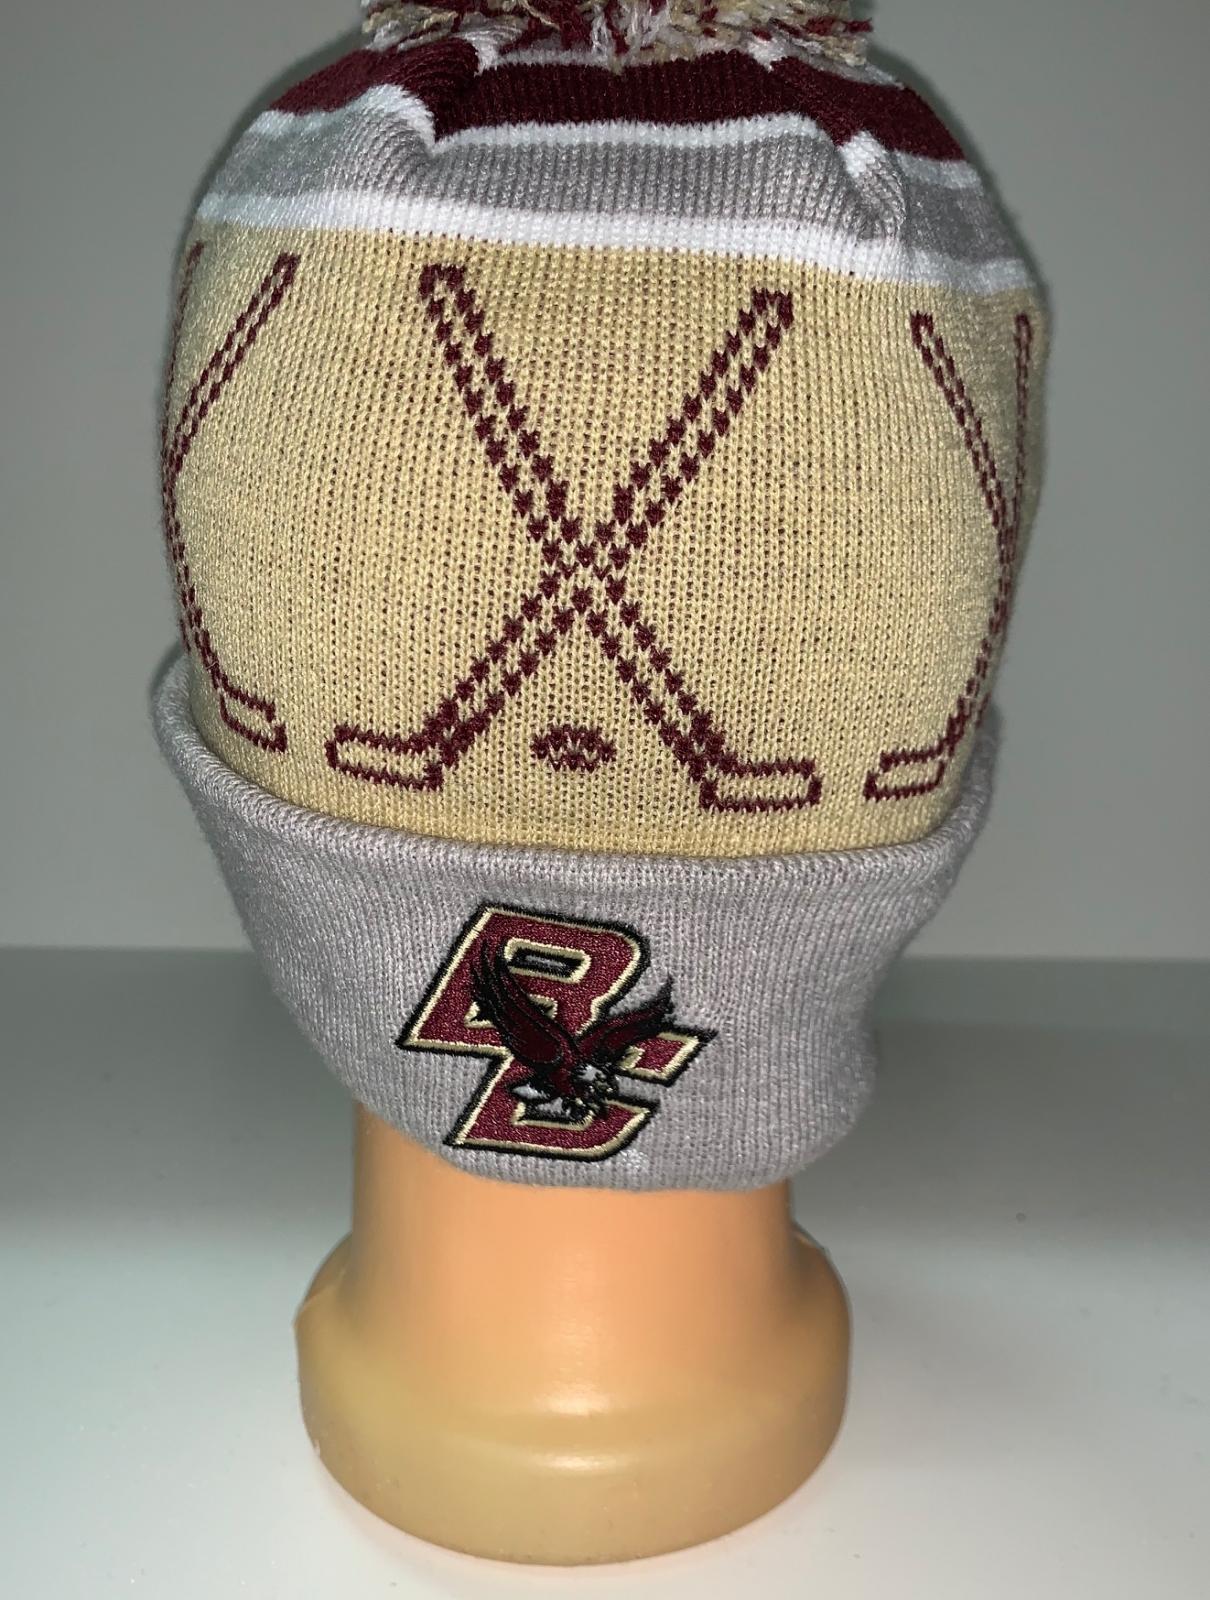 Зачетная шапка Boston College